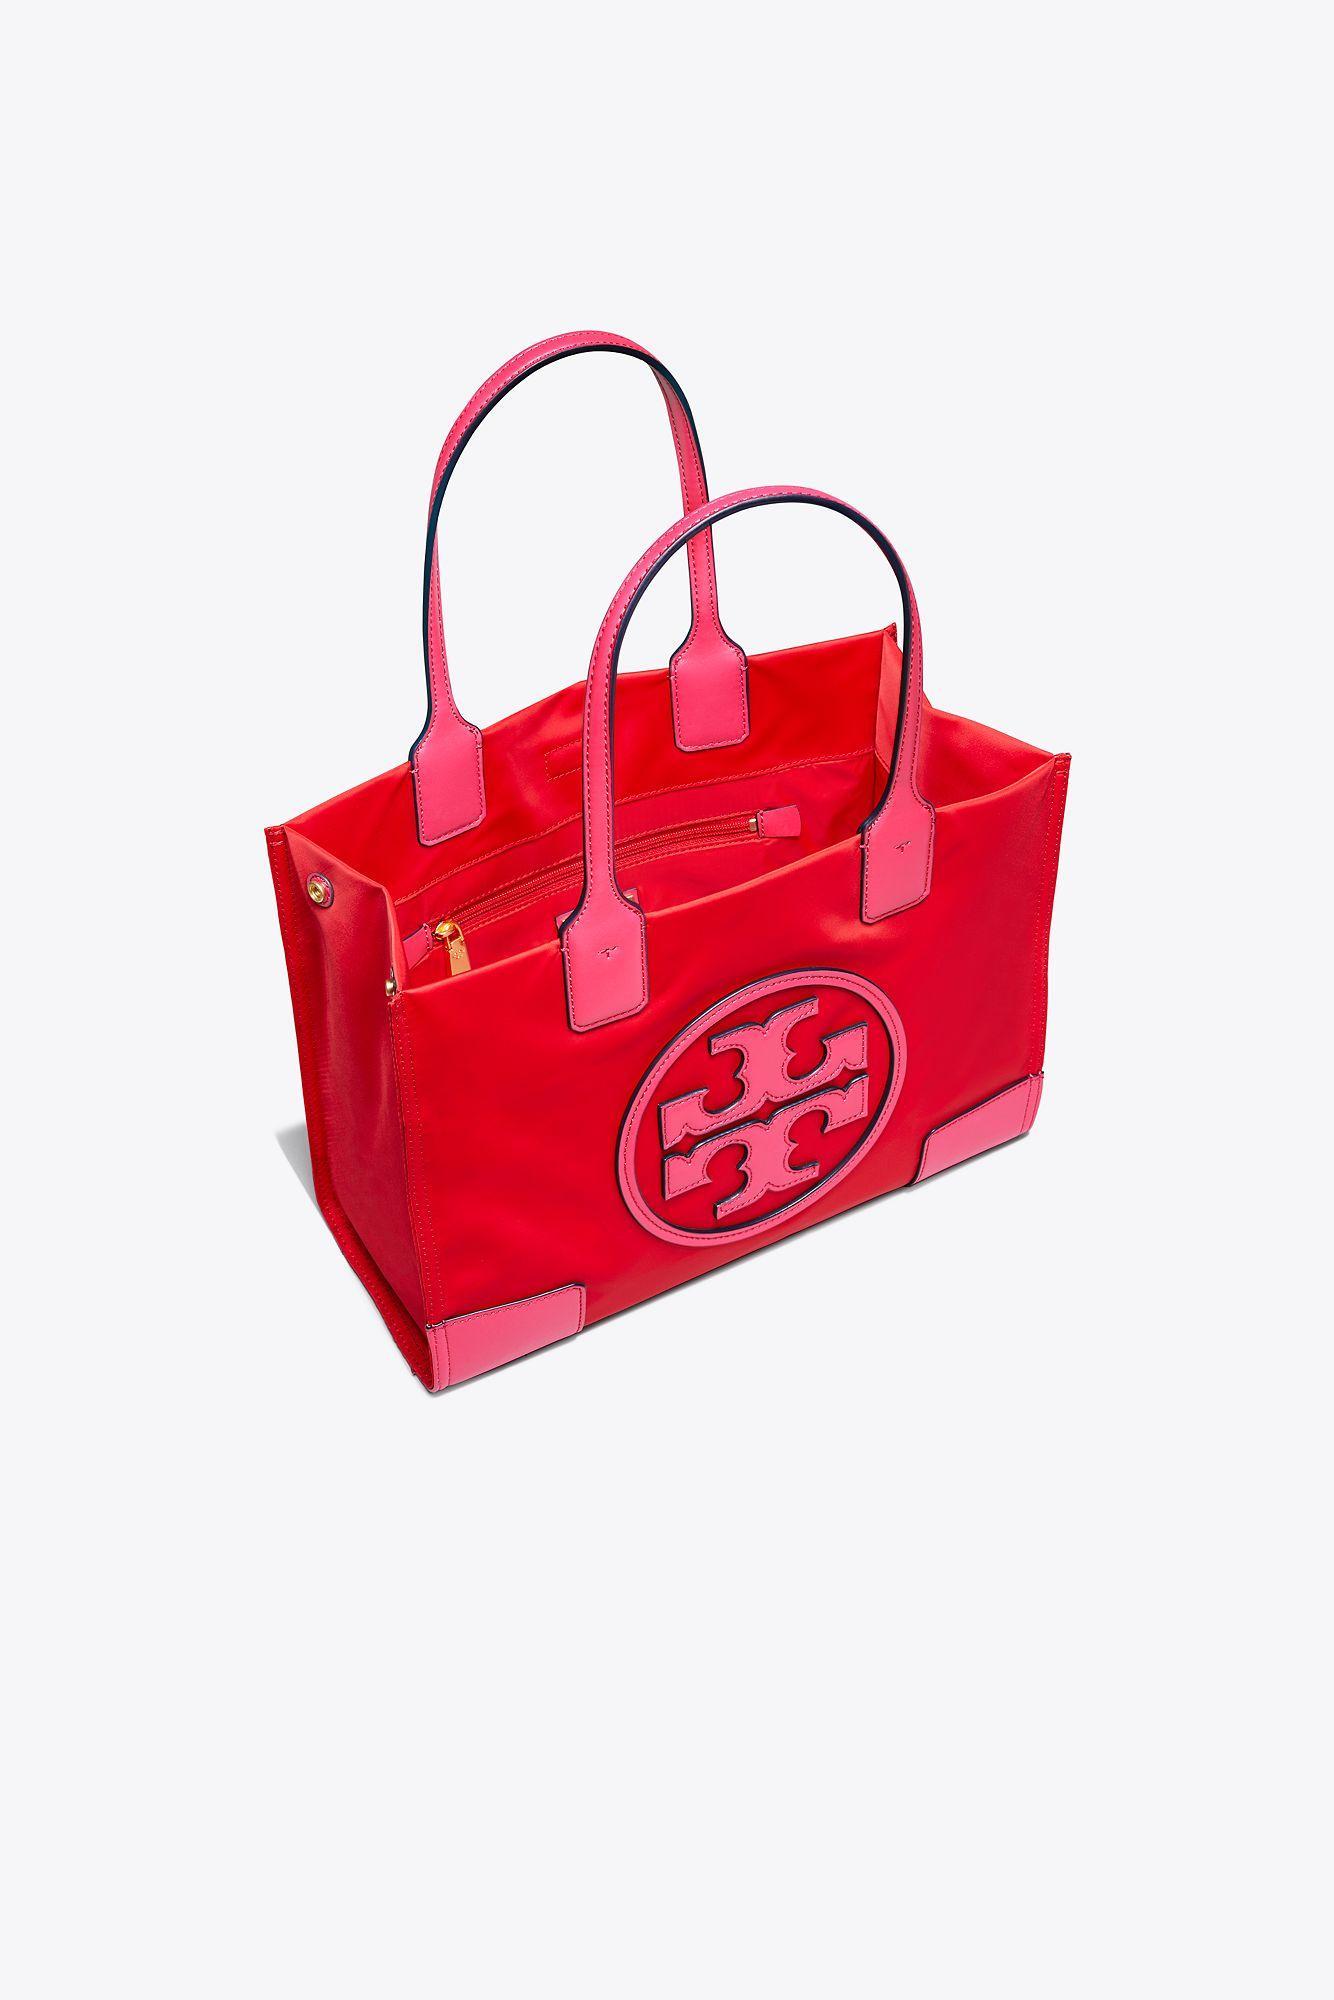 Tory Burch Ella Colorblock MINI Red Azalea Pink Nylon Leather Logo Tote $178